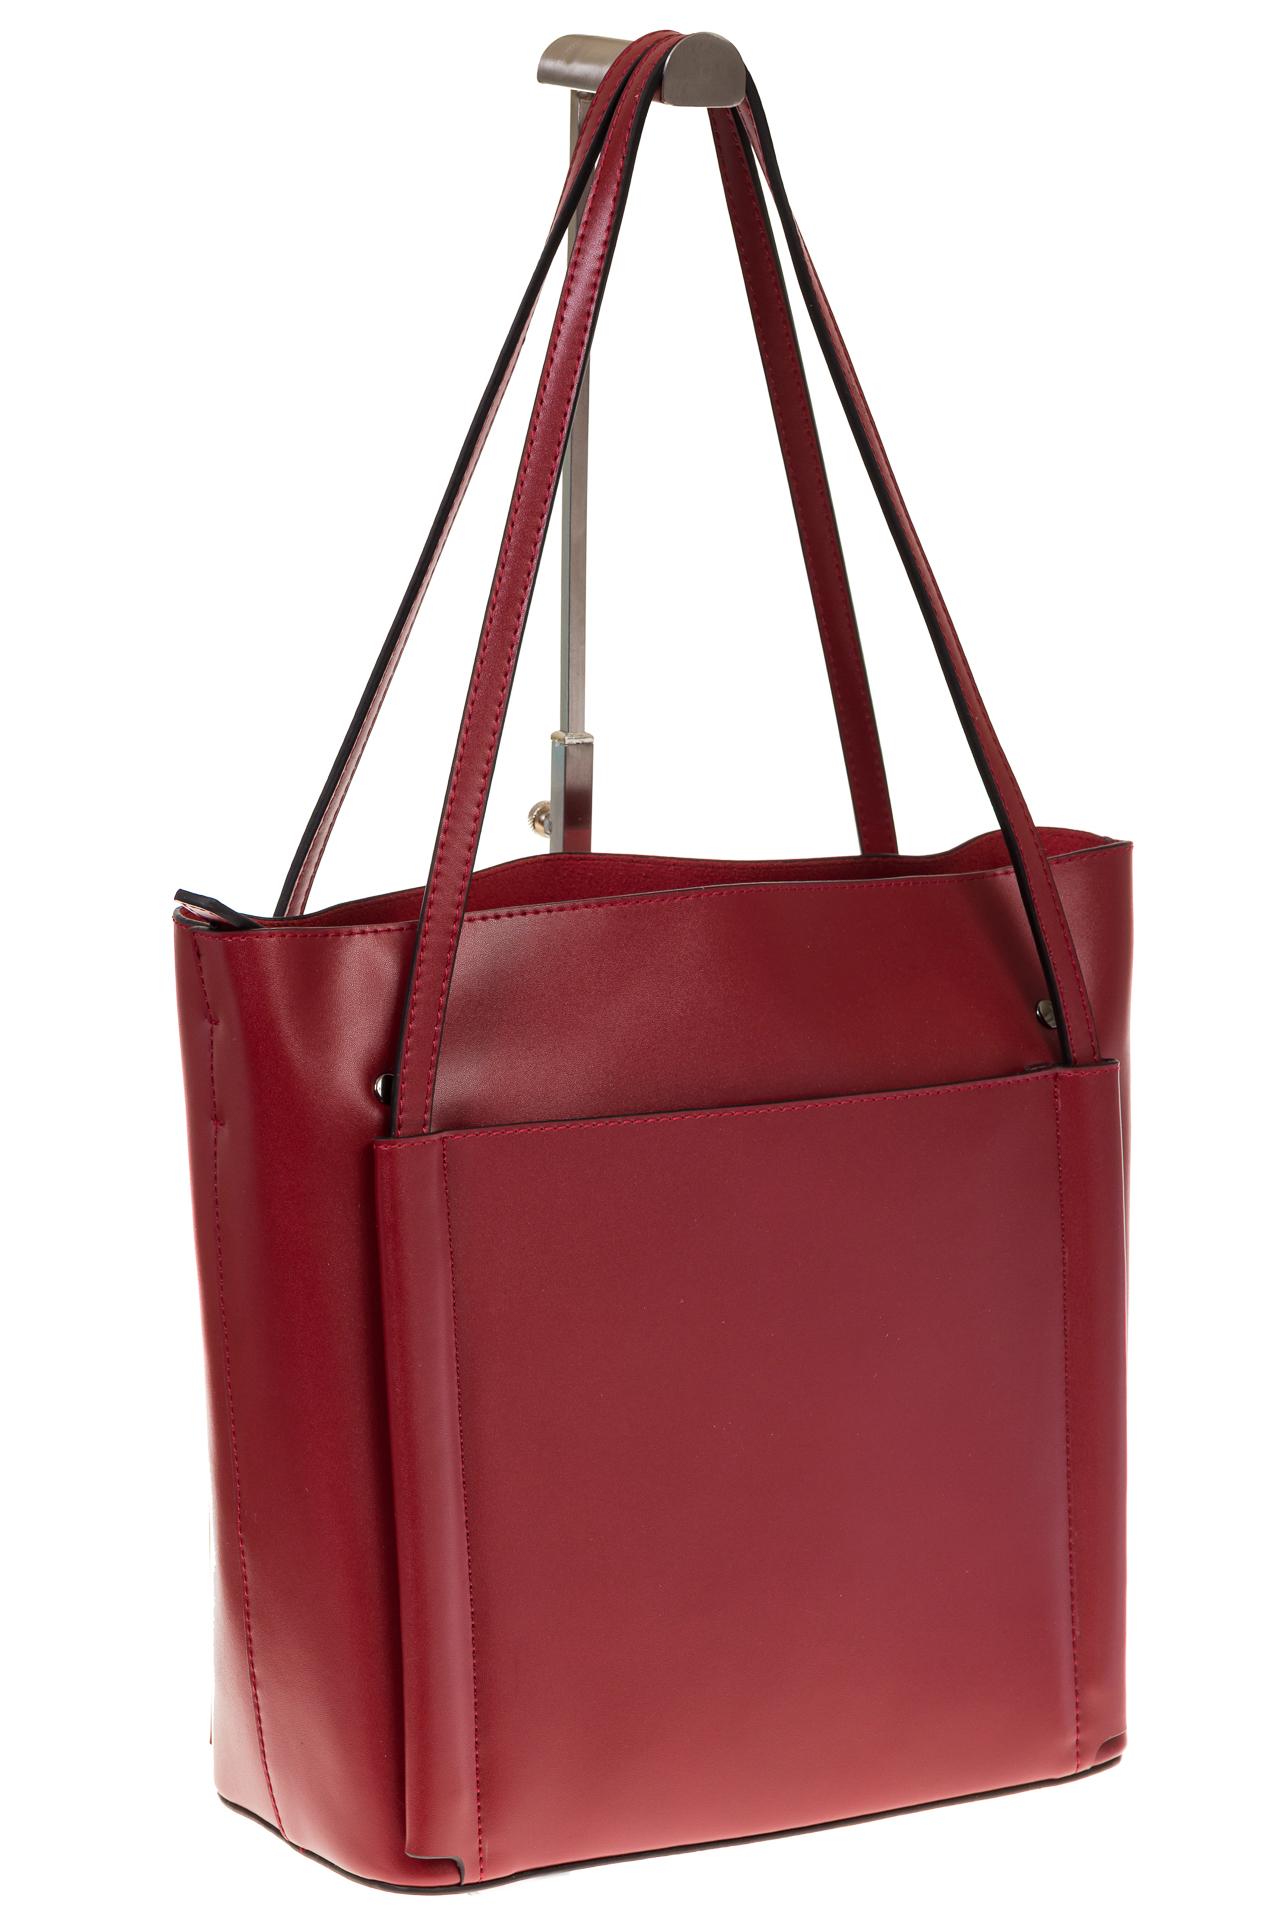 на фото Сумка shopper бордового цвета из натуральной кожи 8158MK5